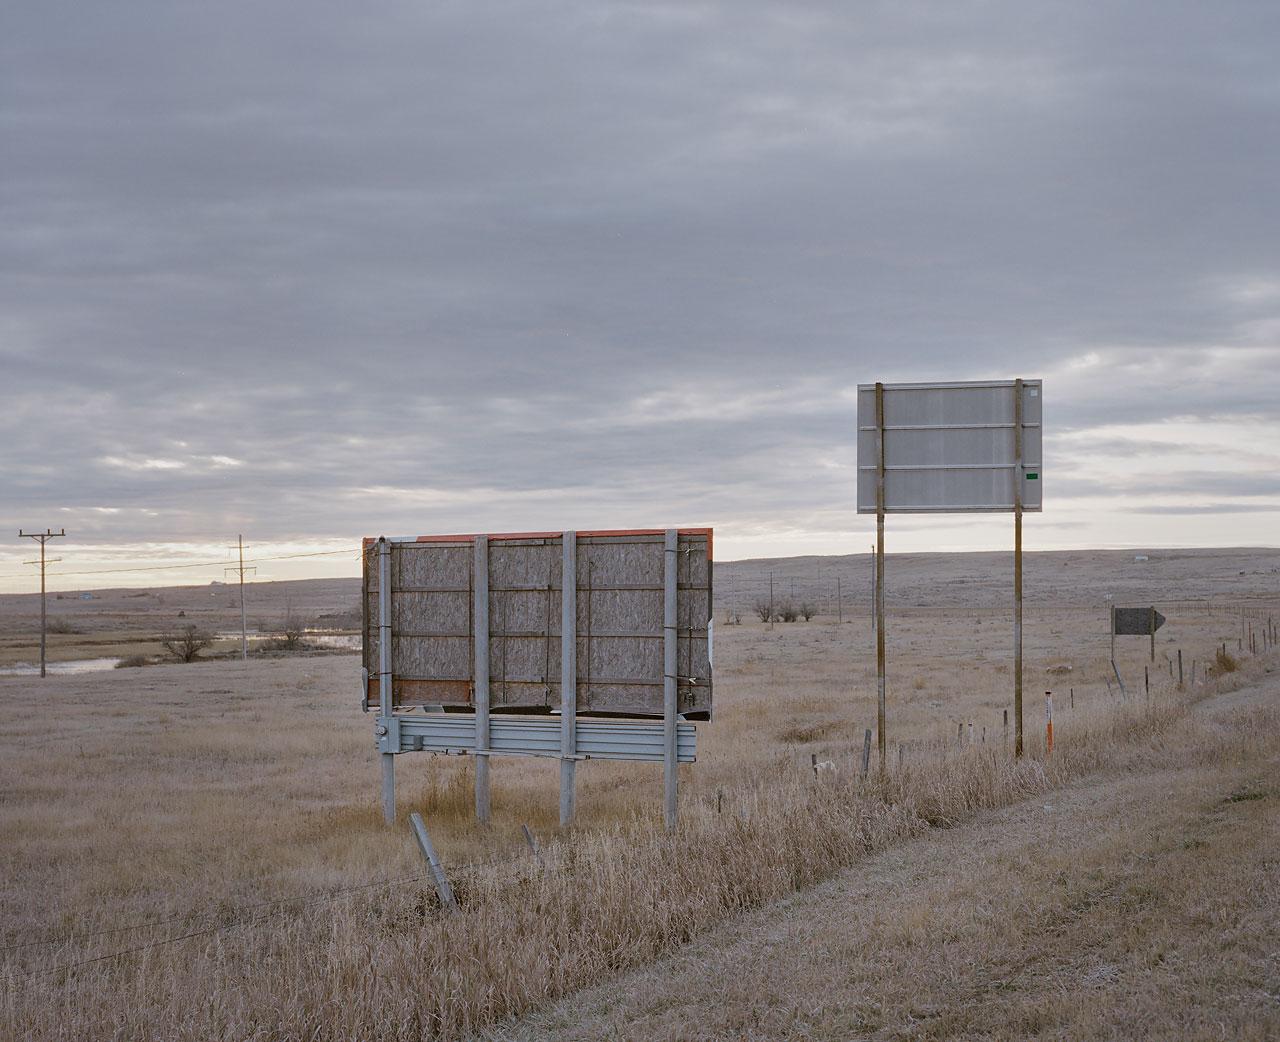 Felix von der Osten - The Buffalo that could not dream - Felix Schoeller Photoaward